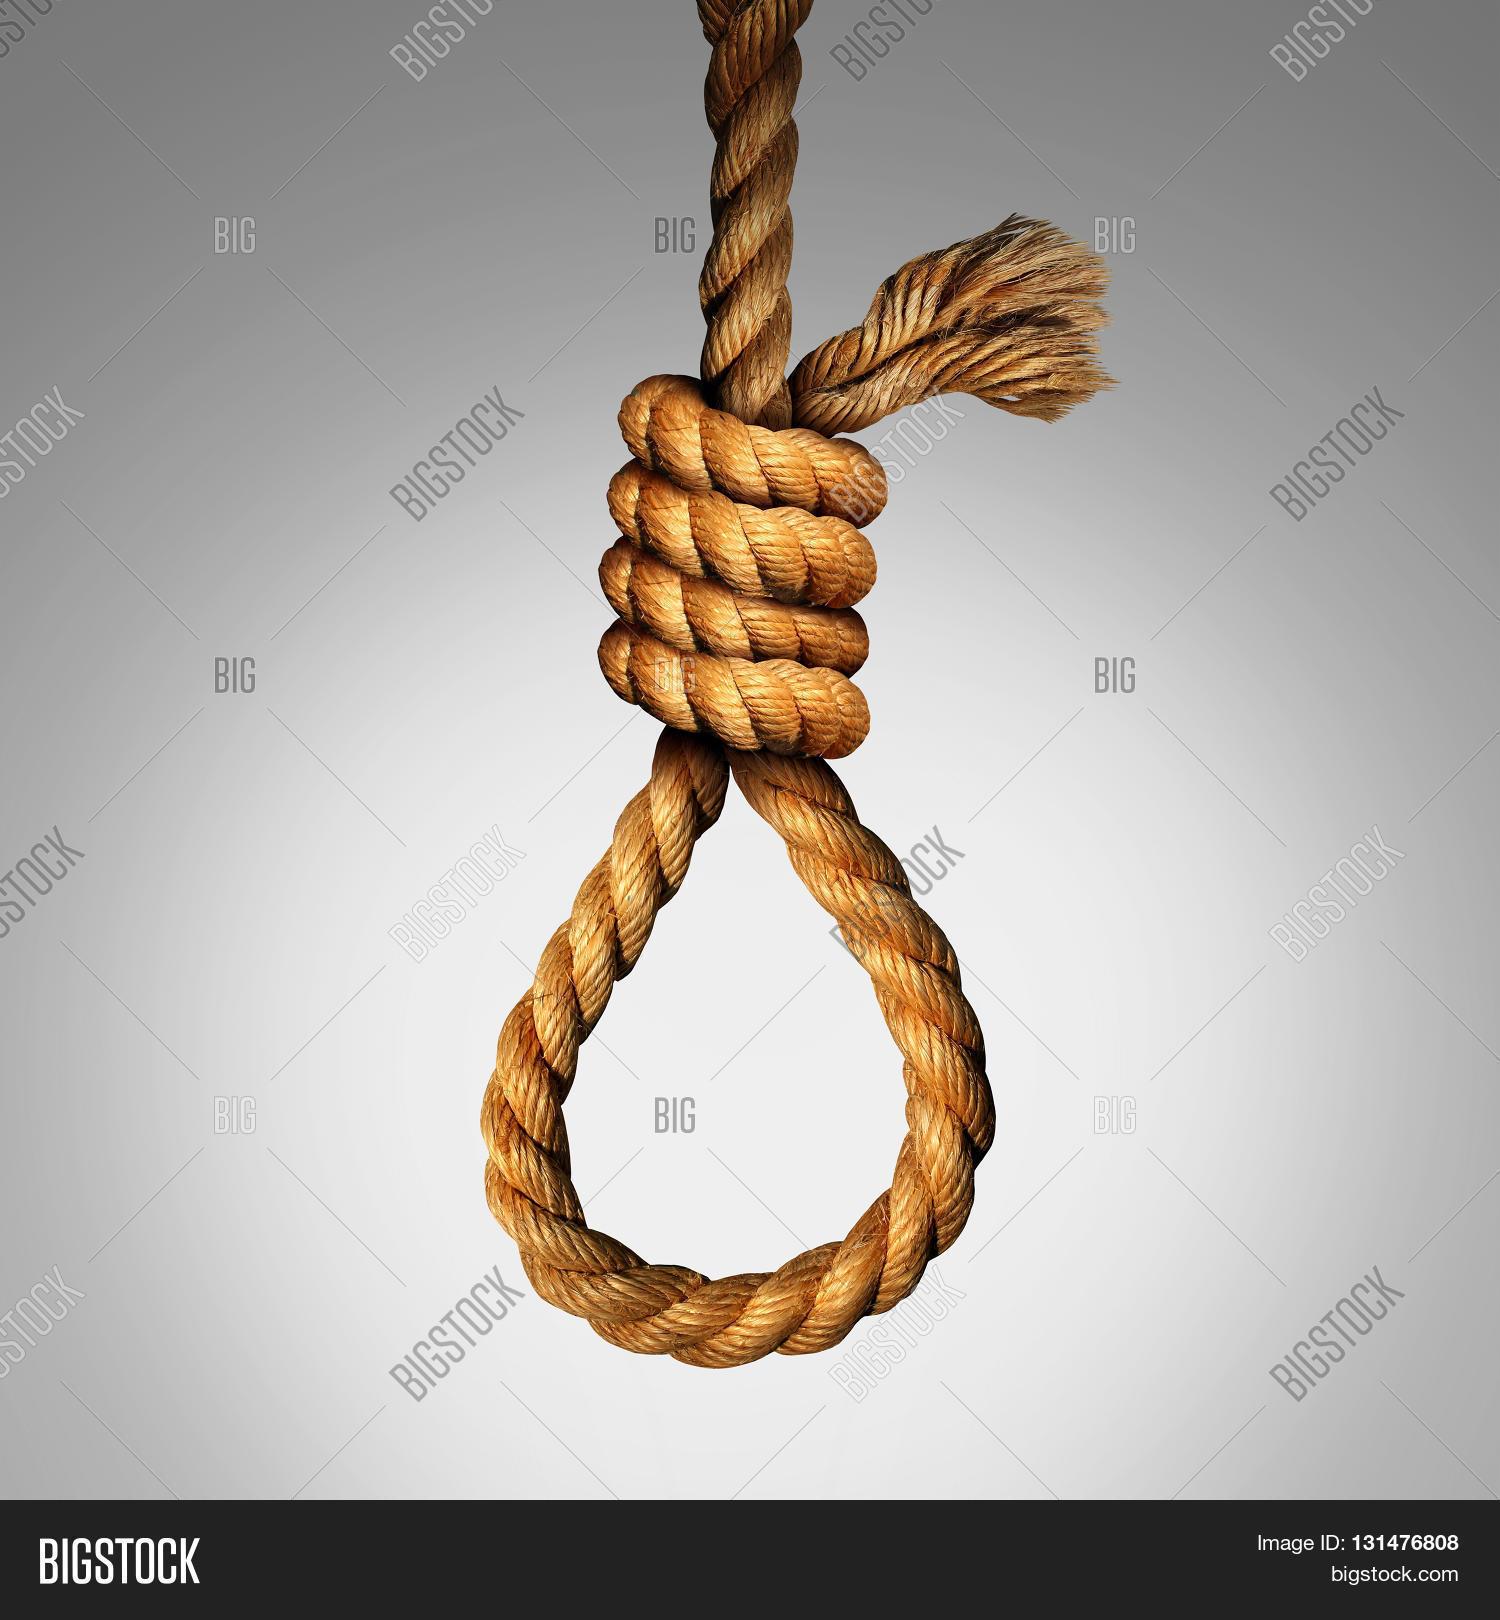 Suicide Noose Concept Image Photo Free Trial Bigstock